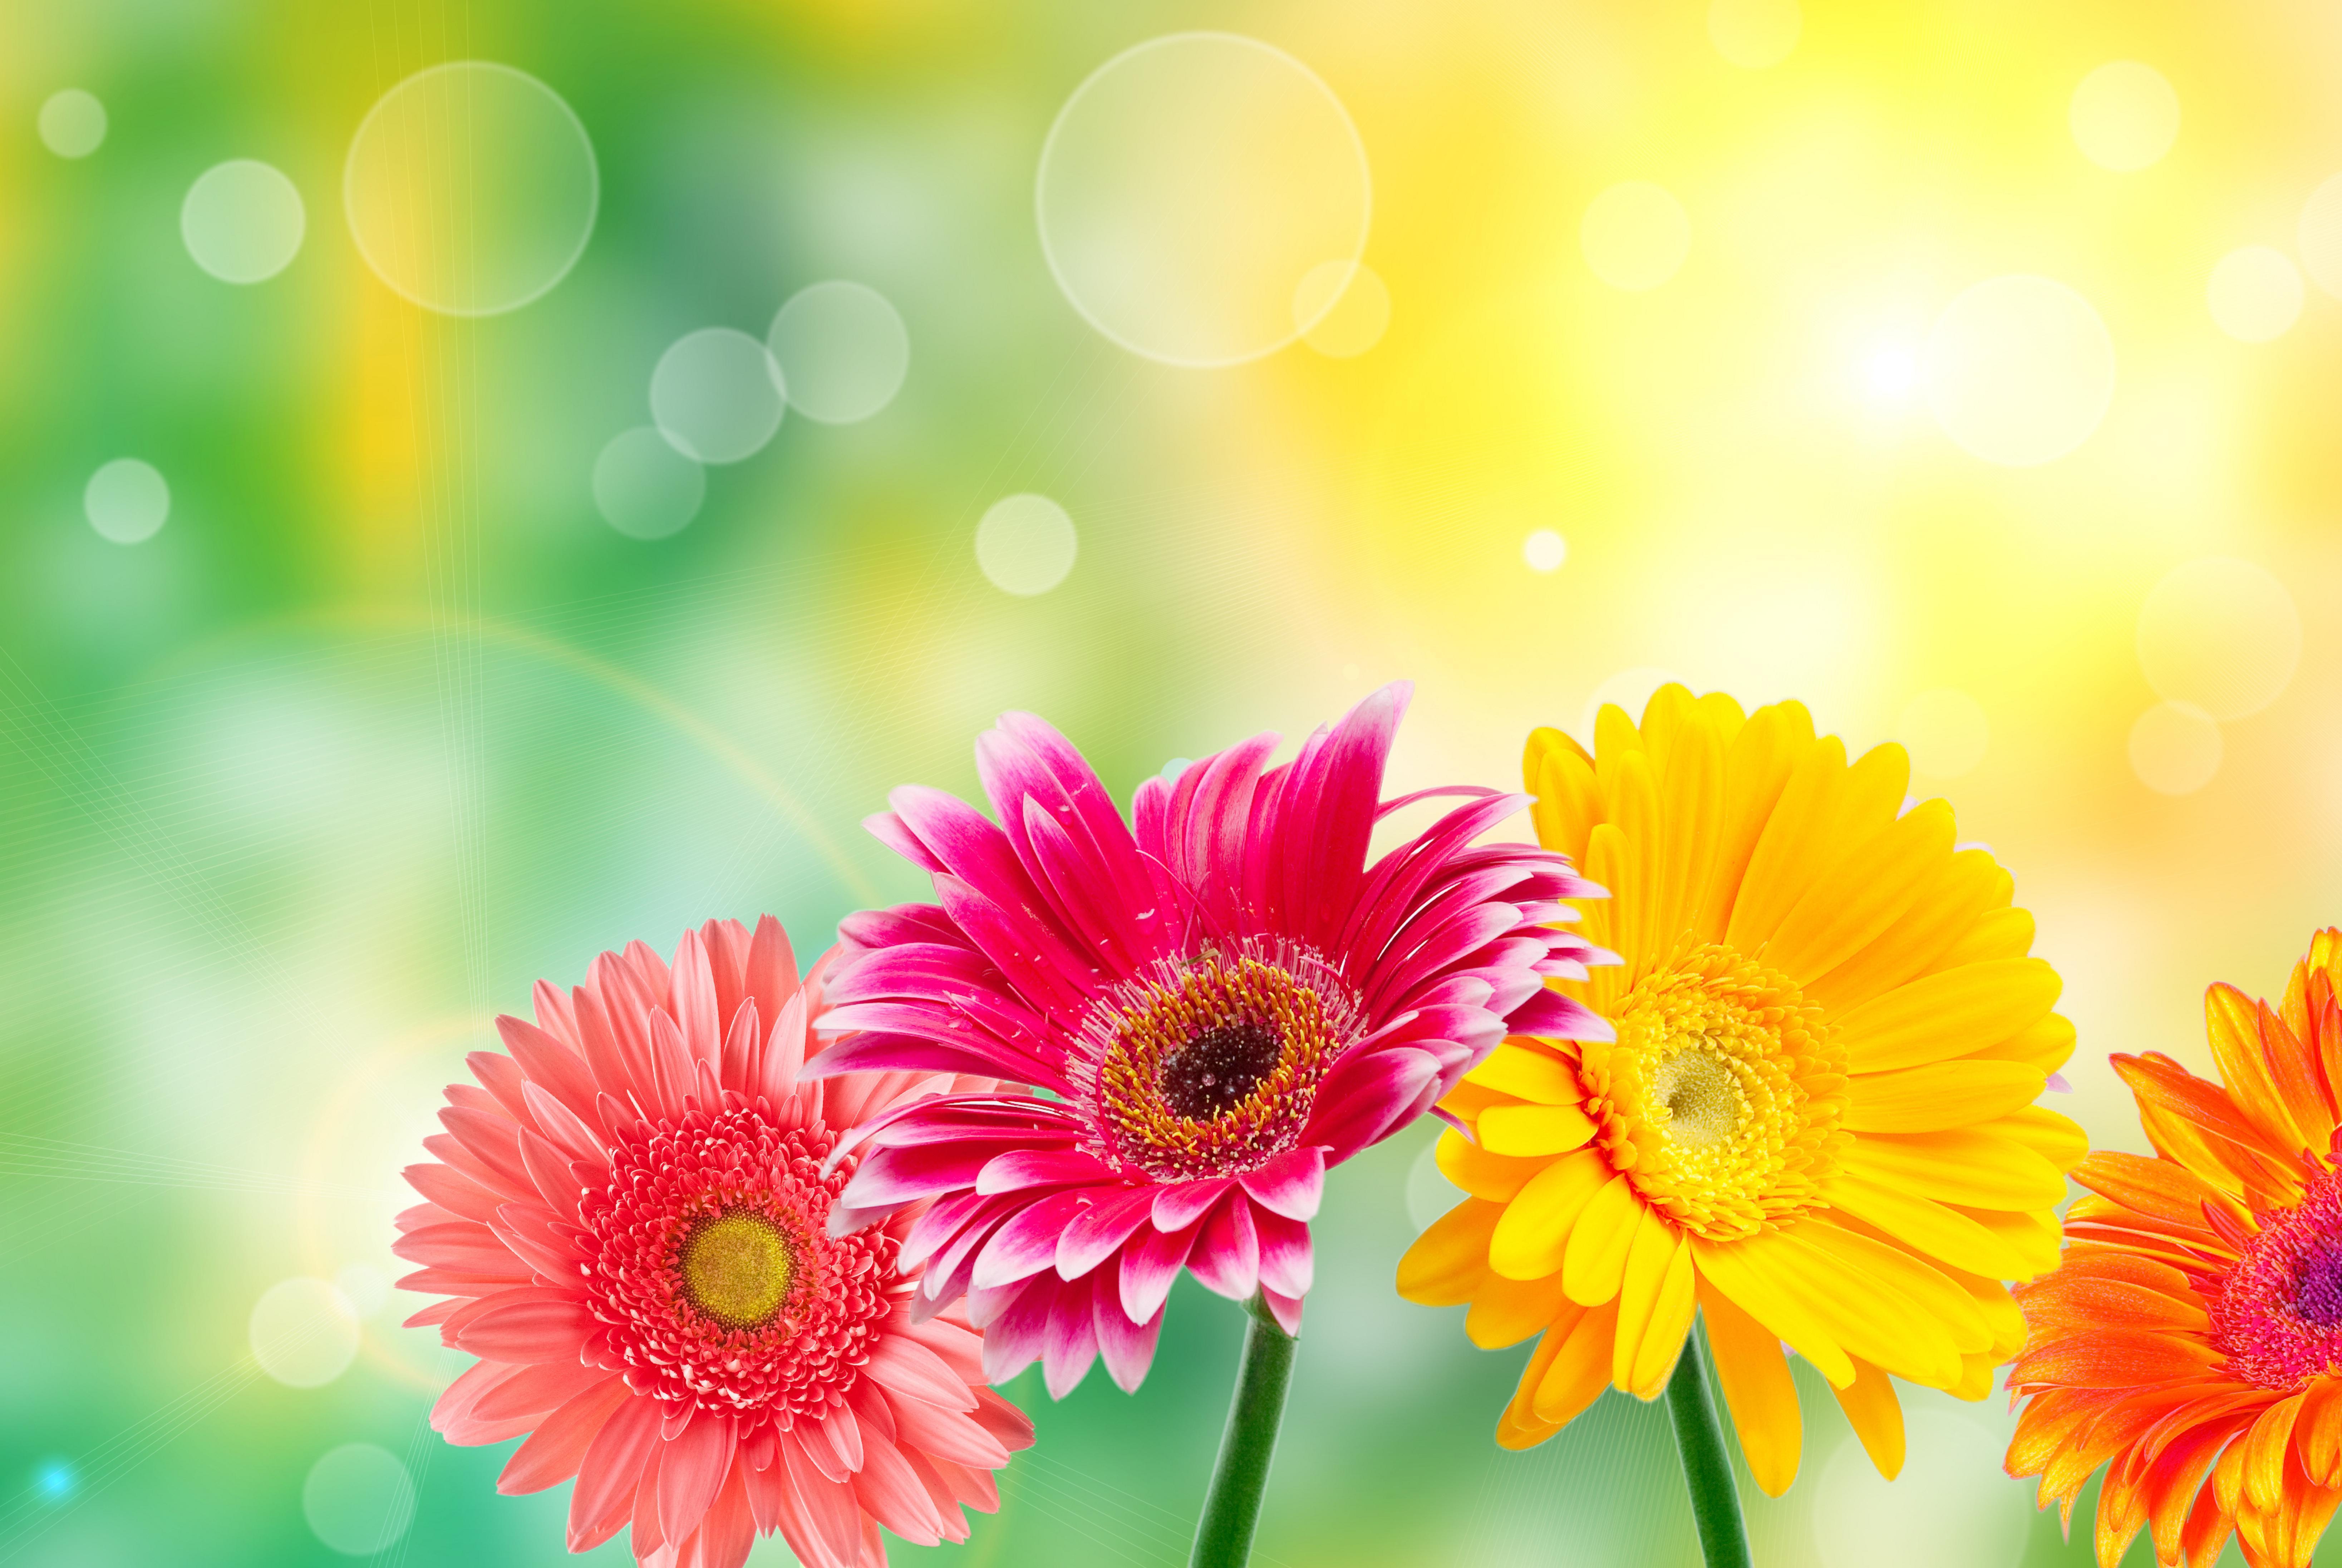 Цветы, яркий фон для поздравления